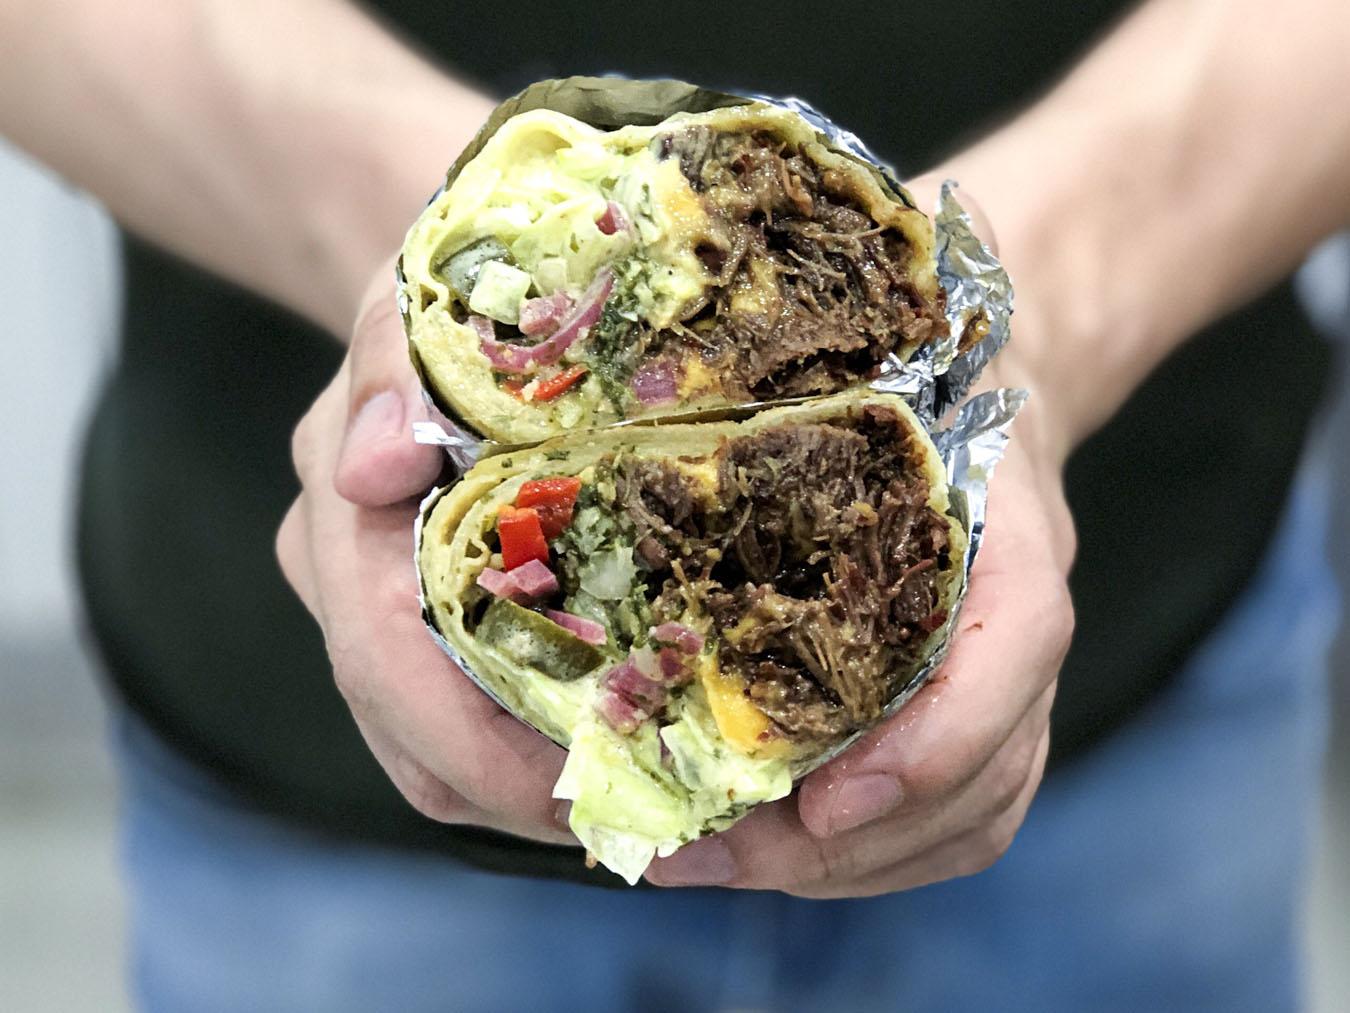 https://www.stonerchef.pl/wp-content/uploads/2019/06/gotowe-burrito-z-policzkami-wolowymi.jpg